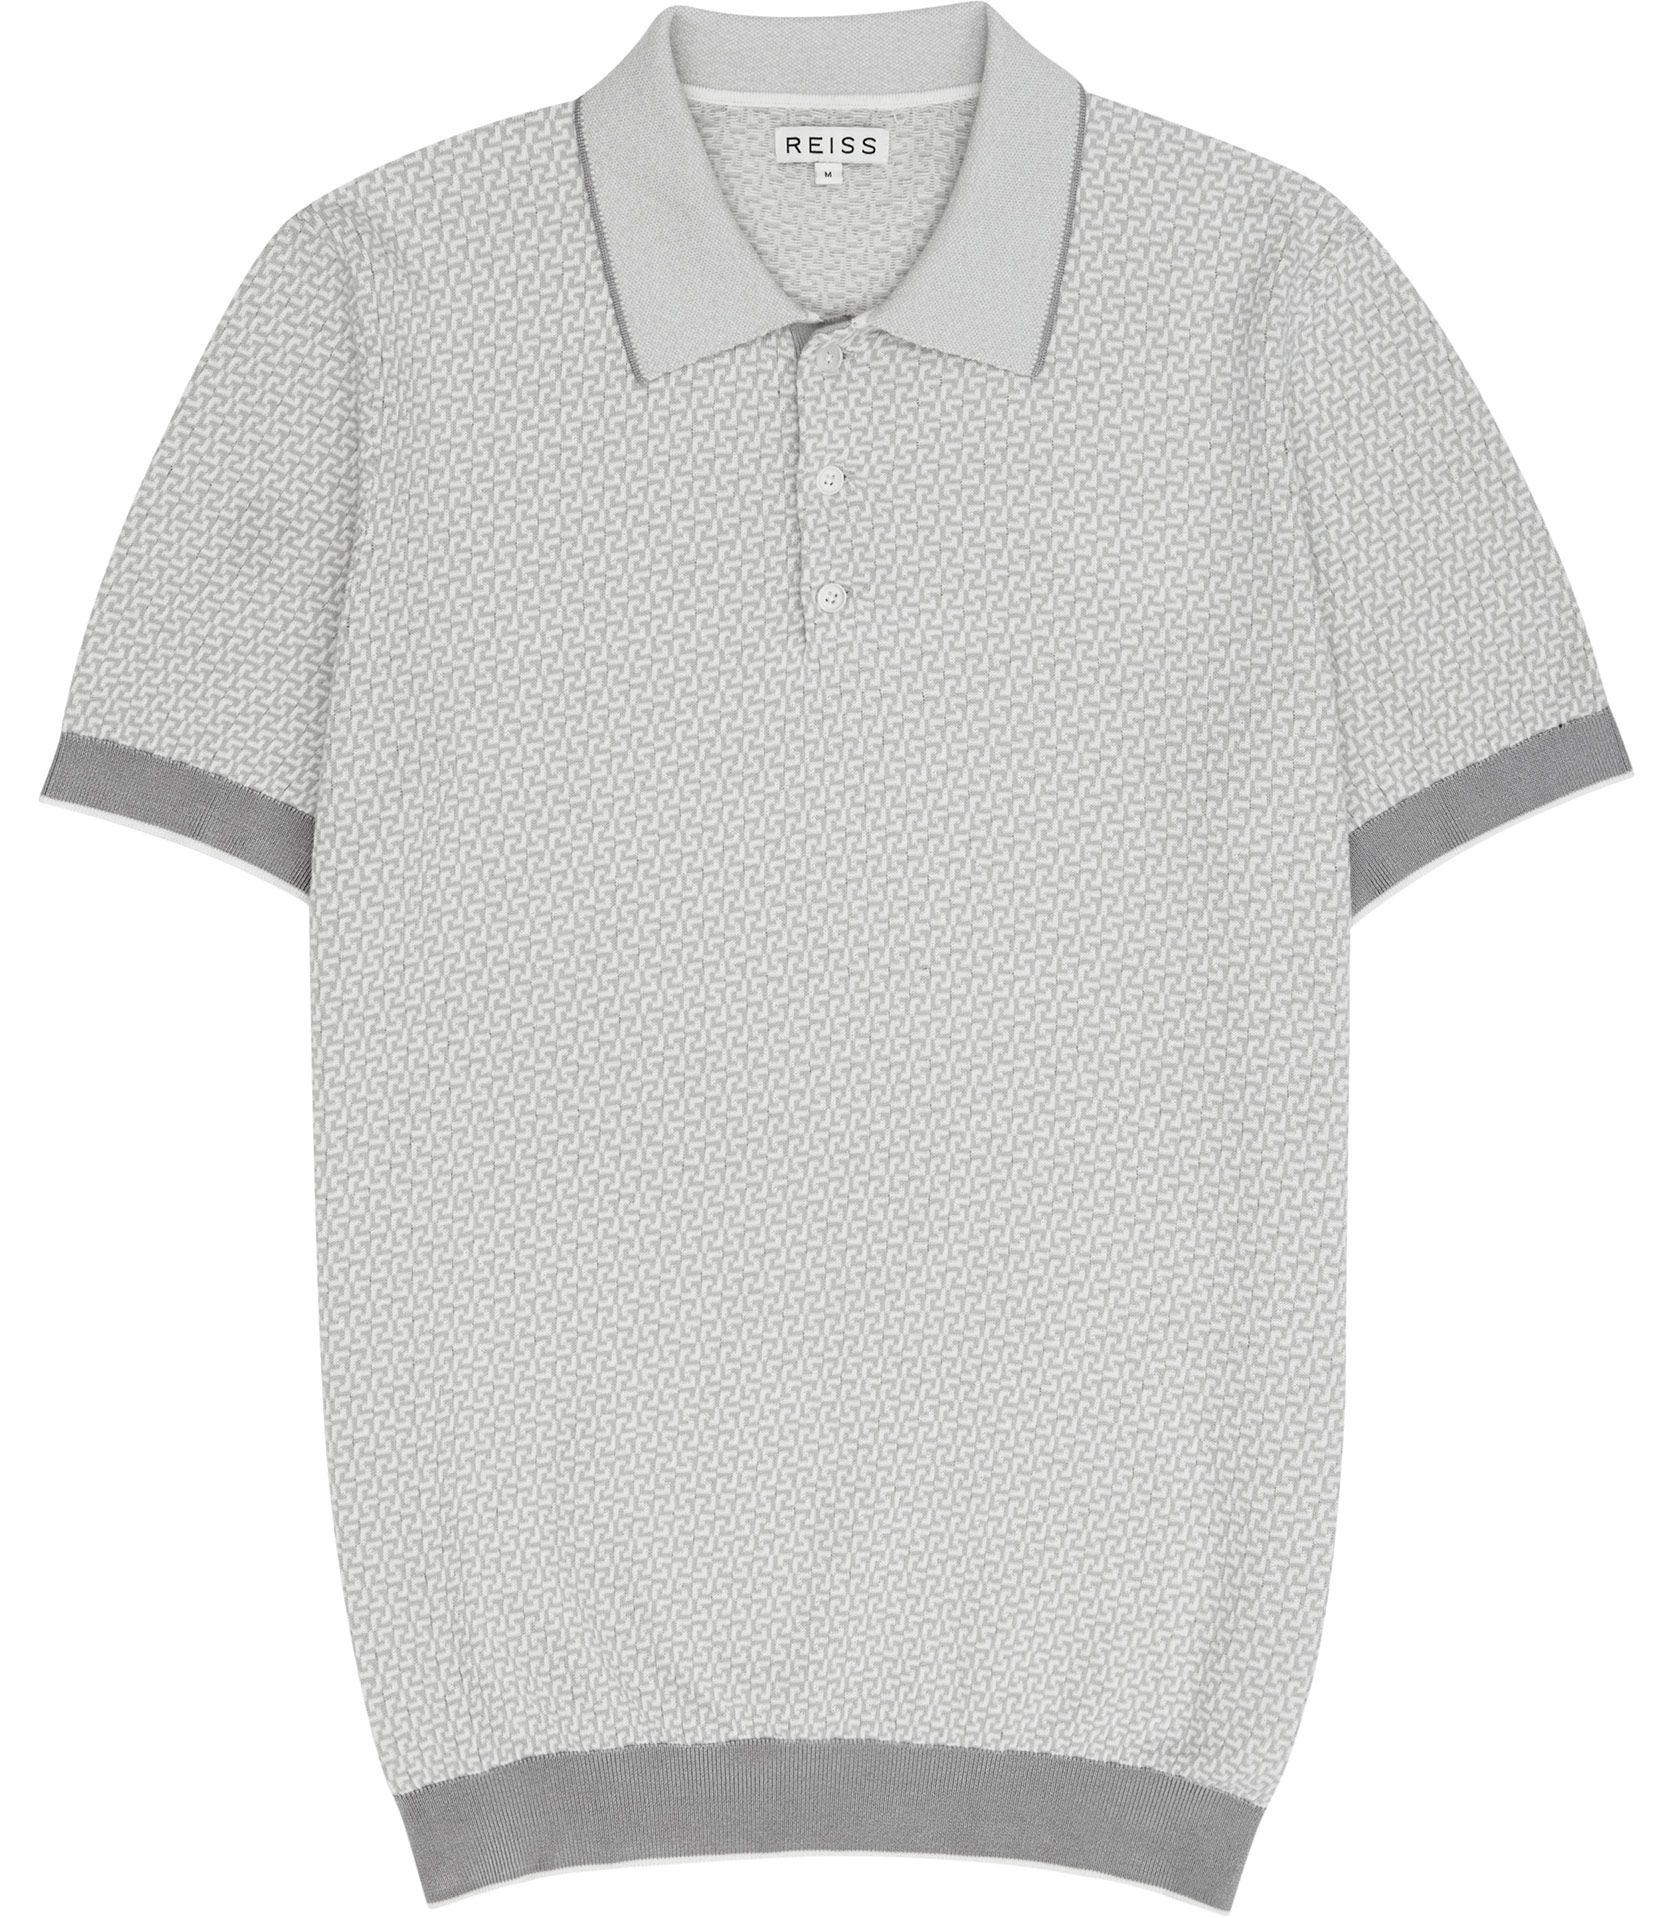 947f03df1 Mens Grey Geometric Knitted Polo Shirt - Reiss Folio